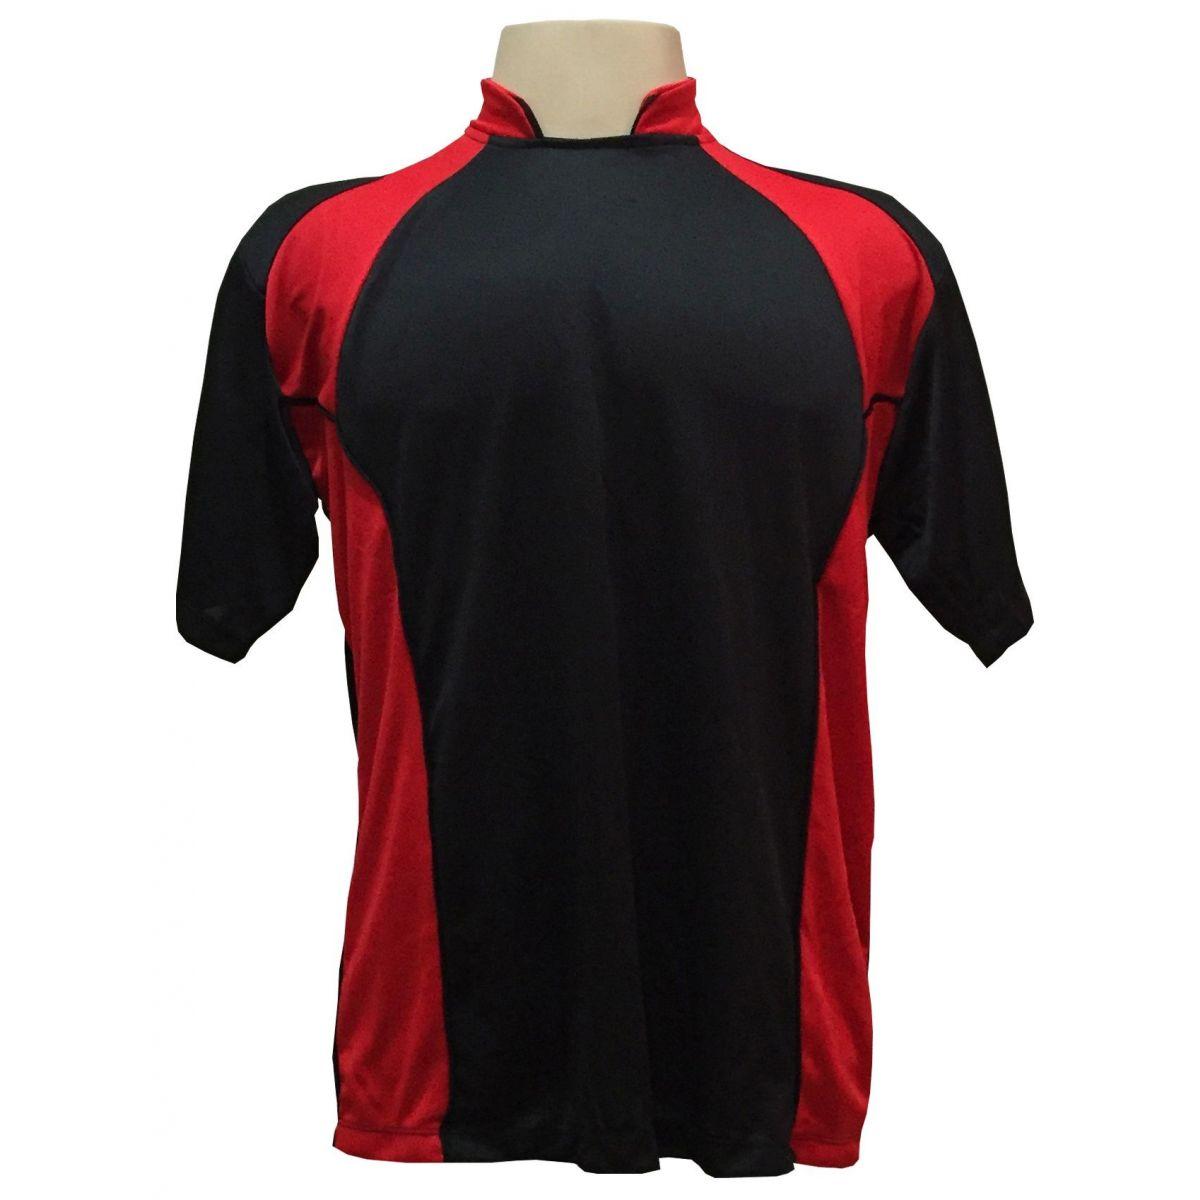 8e2a0973d3 ... Uniforme Esportivo com 14 camisas modelo Suécia Preto Vermelho + 14  calções modelo Madrid Preto ...